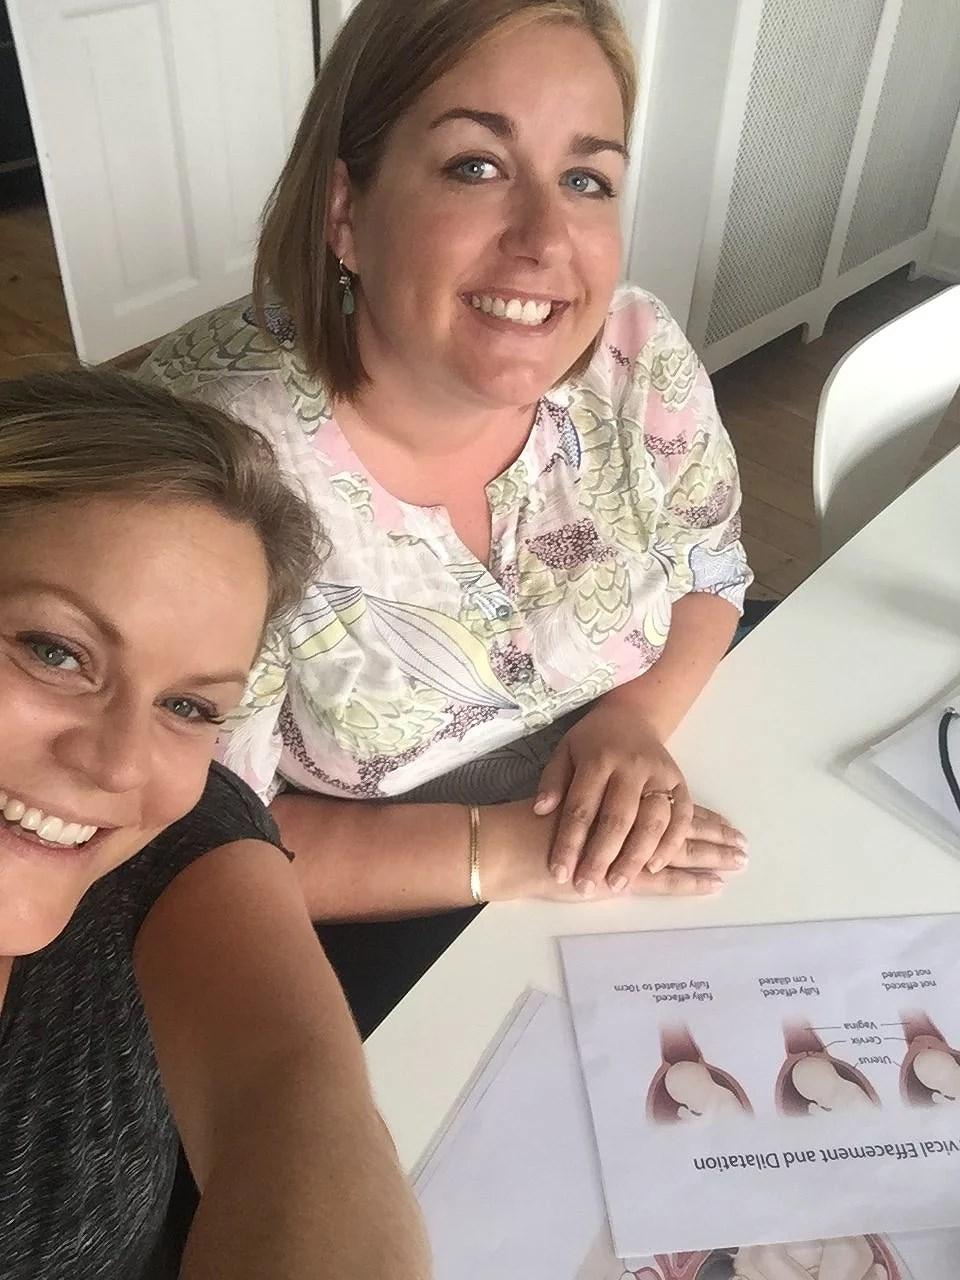 Sonja og jeg får os en laaang snak om fødselsforbredelse.